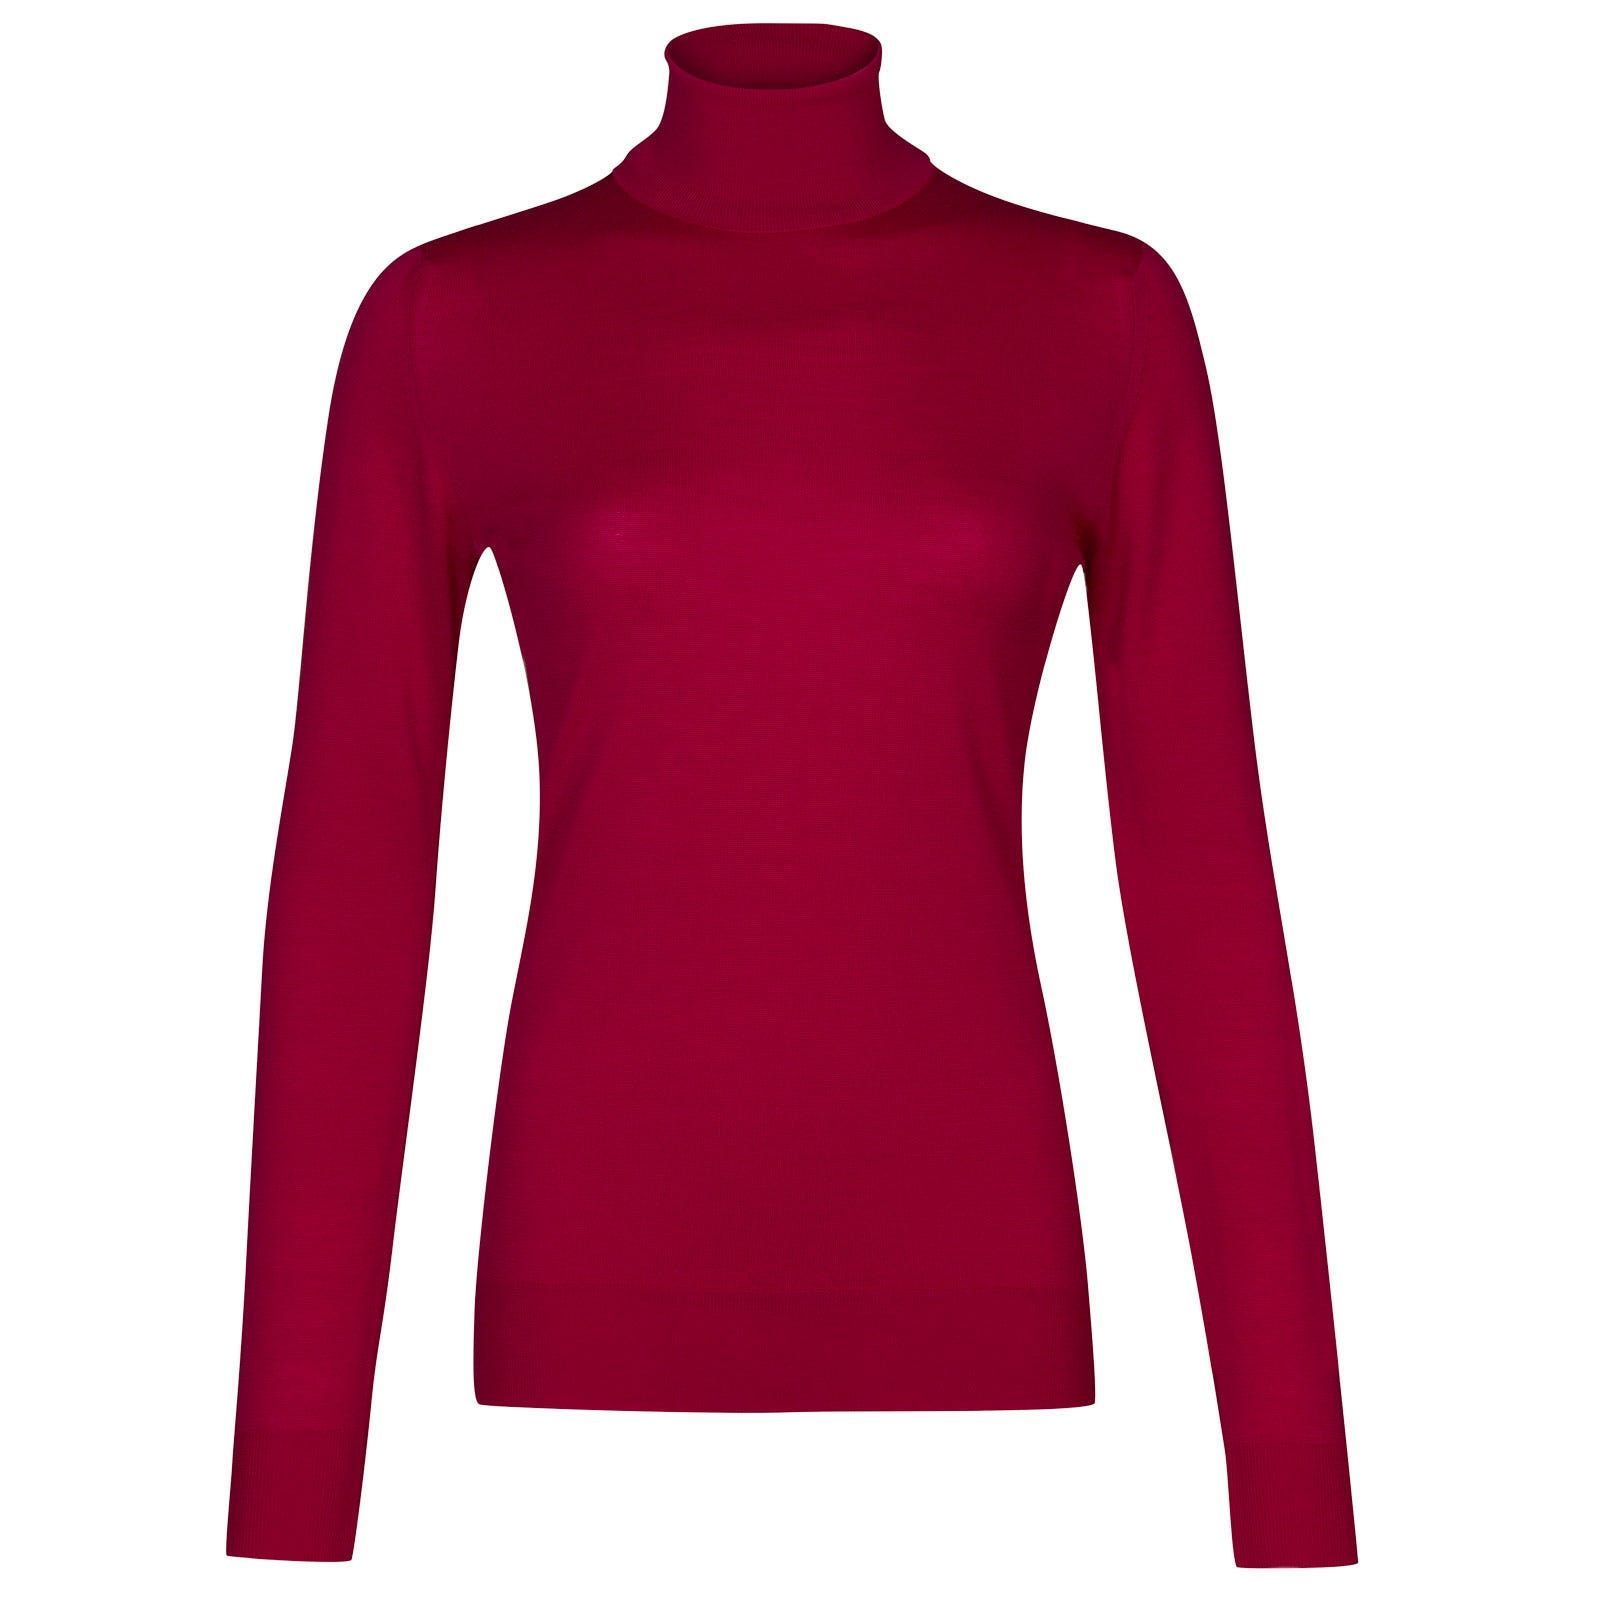 John Smedley Catkin Merino Wool Sweater in Scarlet Sky-S